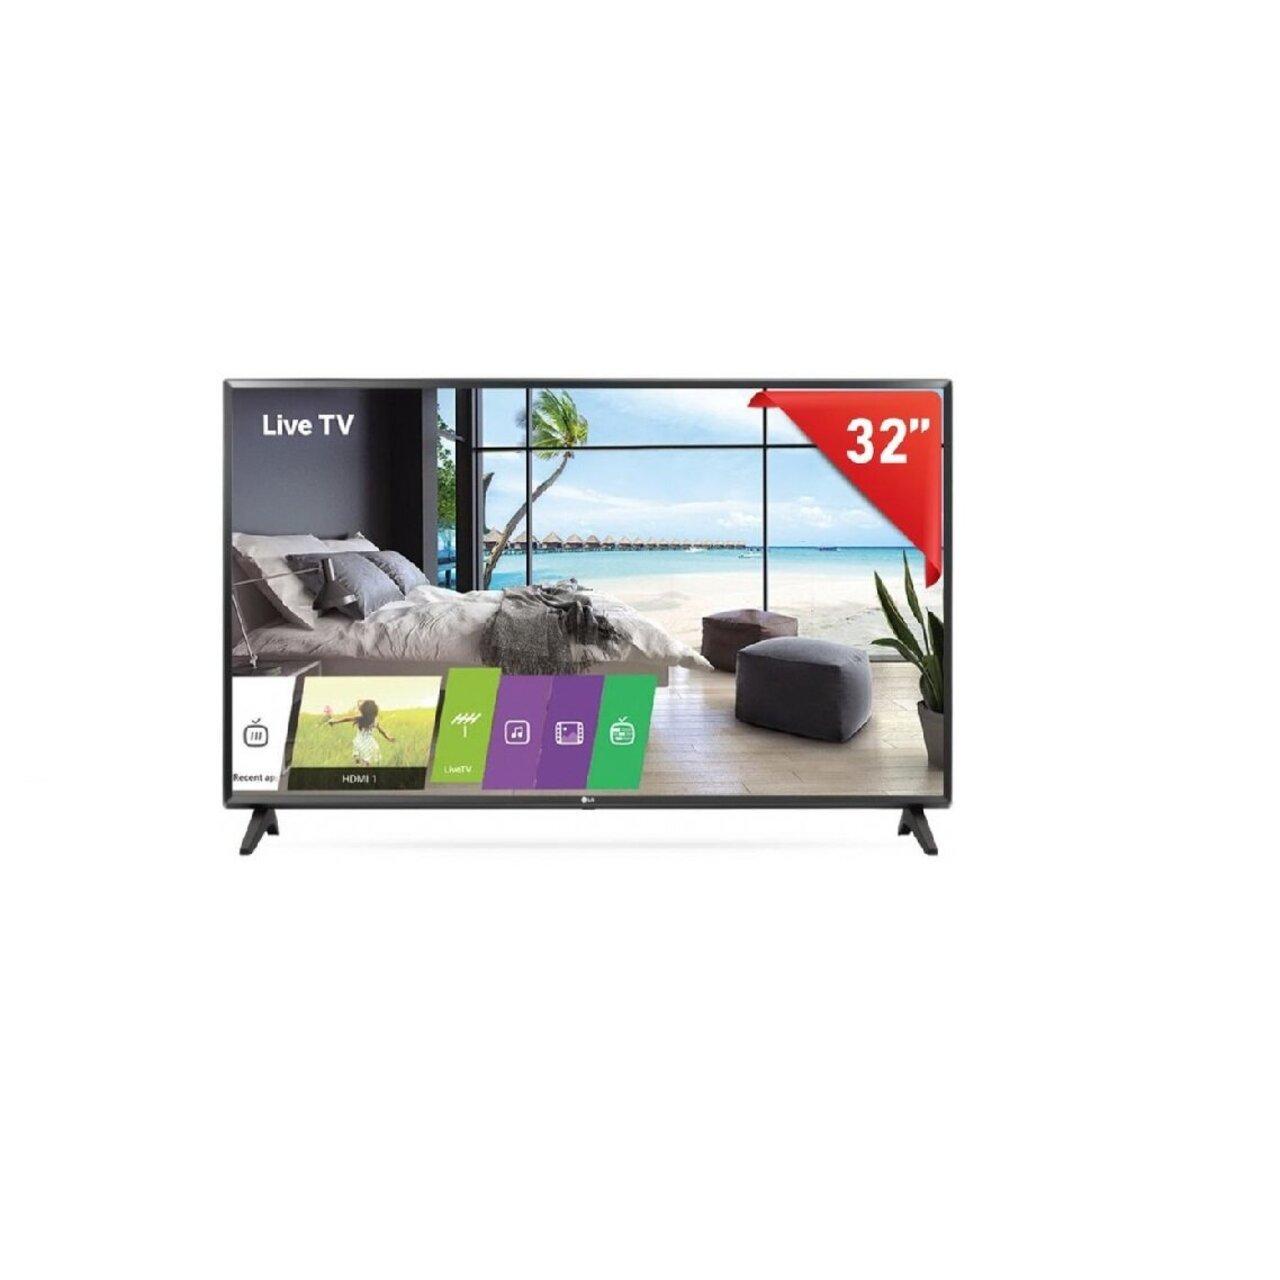 Телевизор LG 32LT340C , 1366x768 HD Ready , 32 inch, 81 см, LED